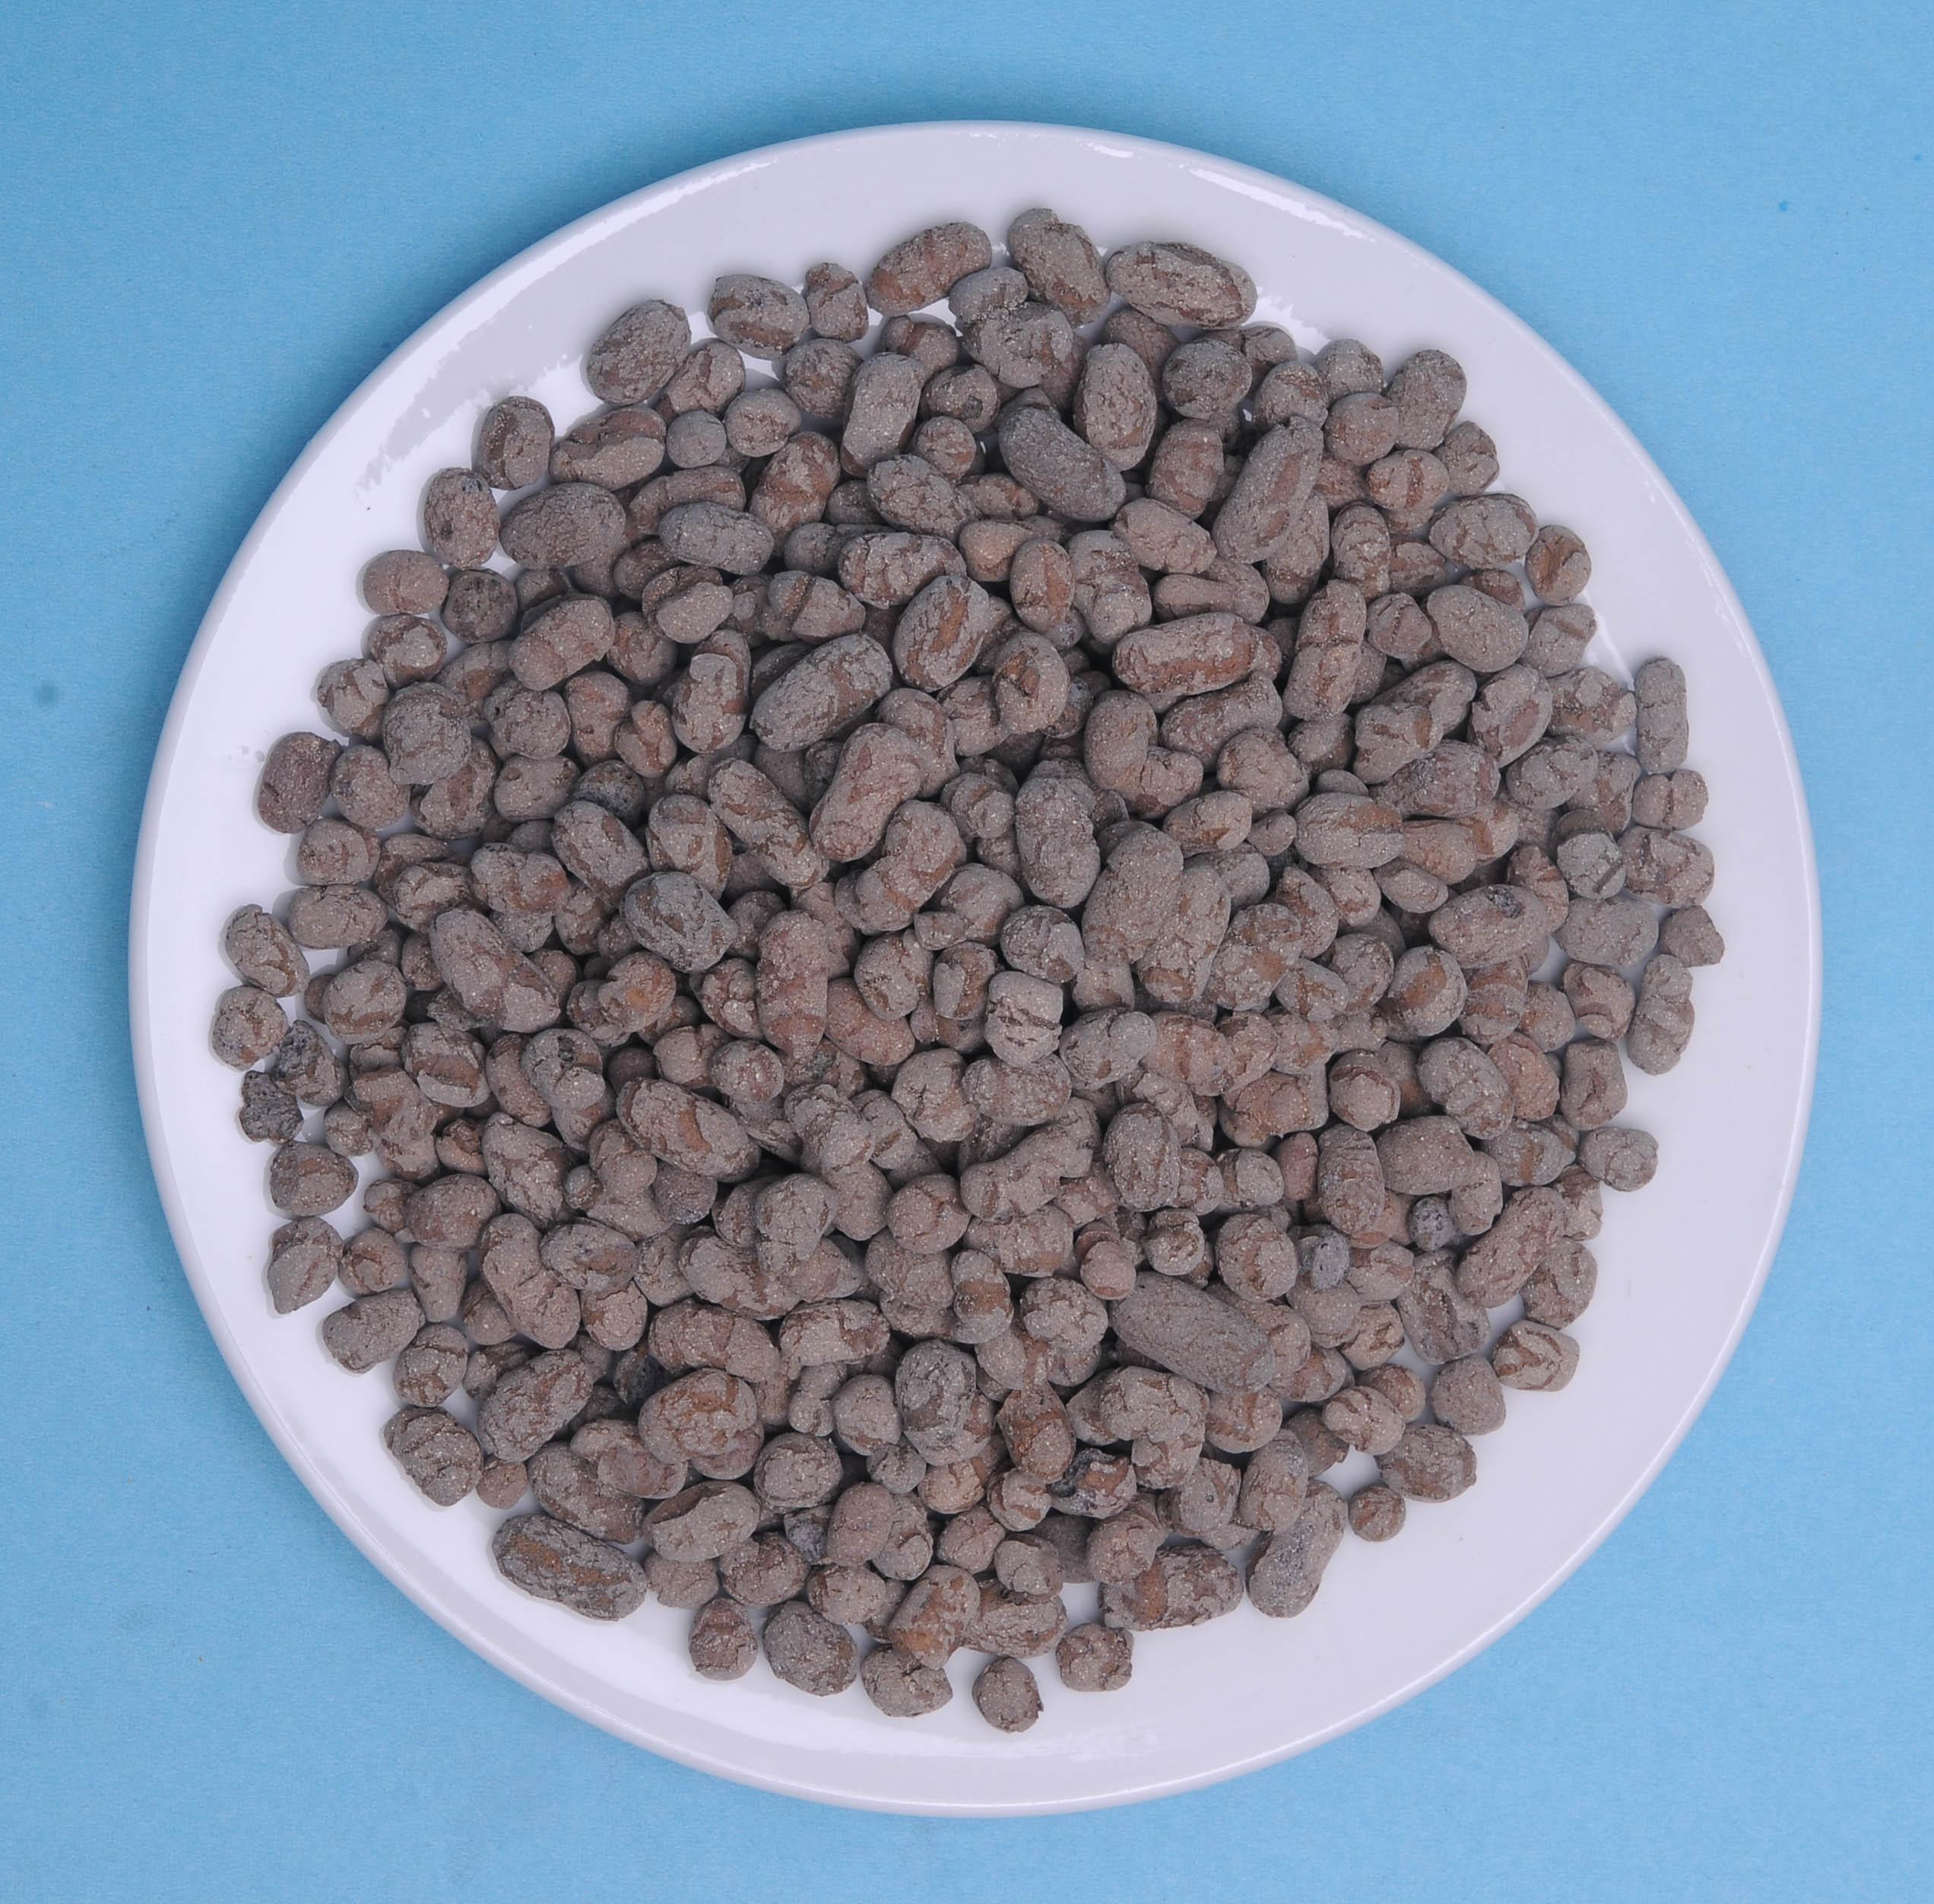 生物陶粒滤料是以粘土为主要生产原料,掺合一定比例的粘合剂、成孔剂、无机骨料经配料、搪粒成球、高温烧制、筛分等一系列工艺加工而成的类球粒状材料。其主要成份为偏铝硅酸盐,呈深褐色或灰褐色、颗粒粒径可根据不同要求生产。高效生物陶粒在物理微观结构方面表现为粗糙多微孔,其密度适中、强度高、耐摩擦、物化性能稳定、不向水体释放有毒有害物,这些特点使高效生物陶粒特别适合于微生物在其表面生长、繁殖。现代水处理工艺充分利用了这些特性,使其成为水处理特别是污水、微污染水源水生物预处理以及给水过滤技术的理想滤料。 滤料>生